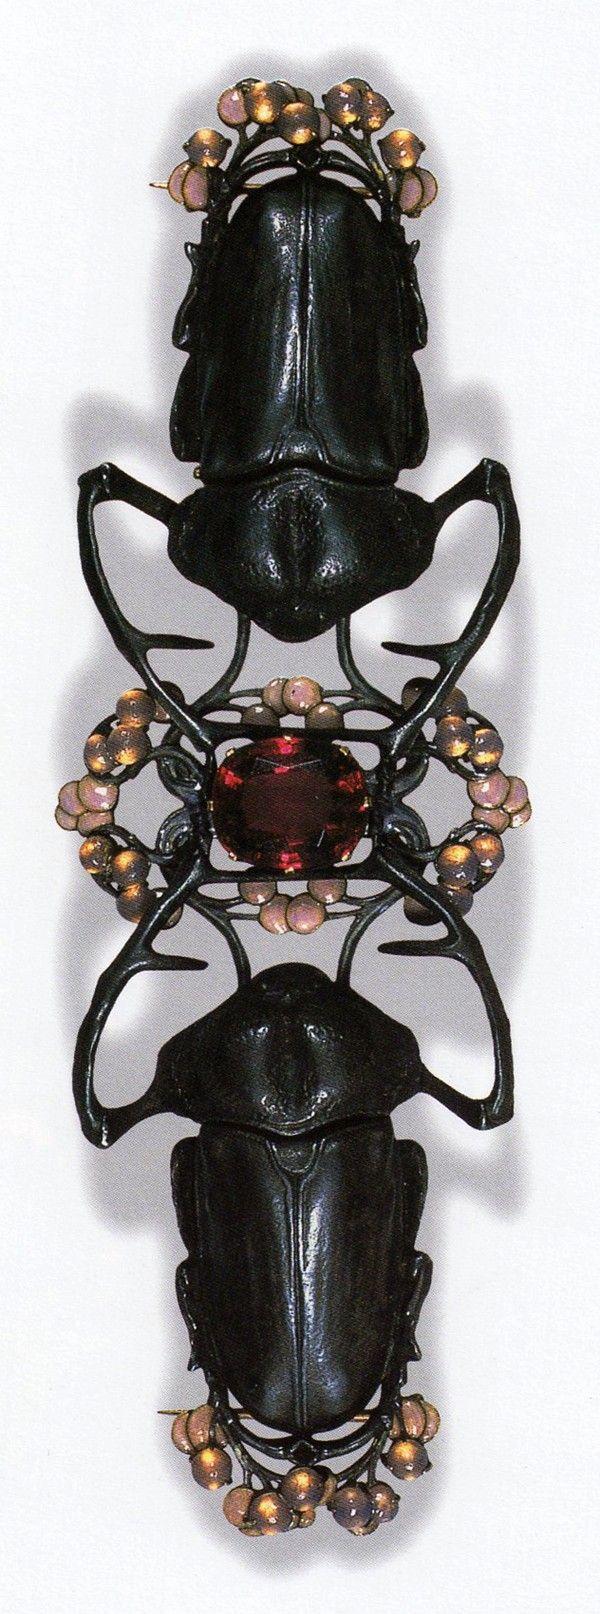 Blister Beetle Corsage Ornament by René Lalique, ca.1903-04. Gold, silver, tourmaline, enamel, glass; 14.9 cm long